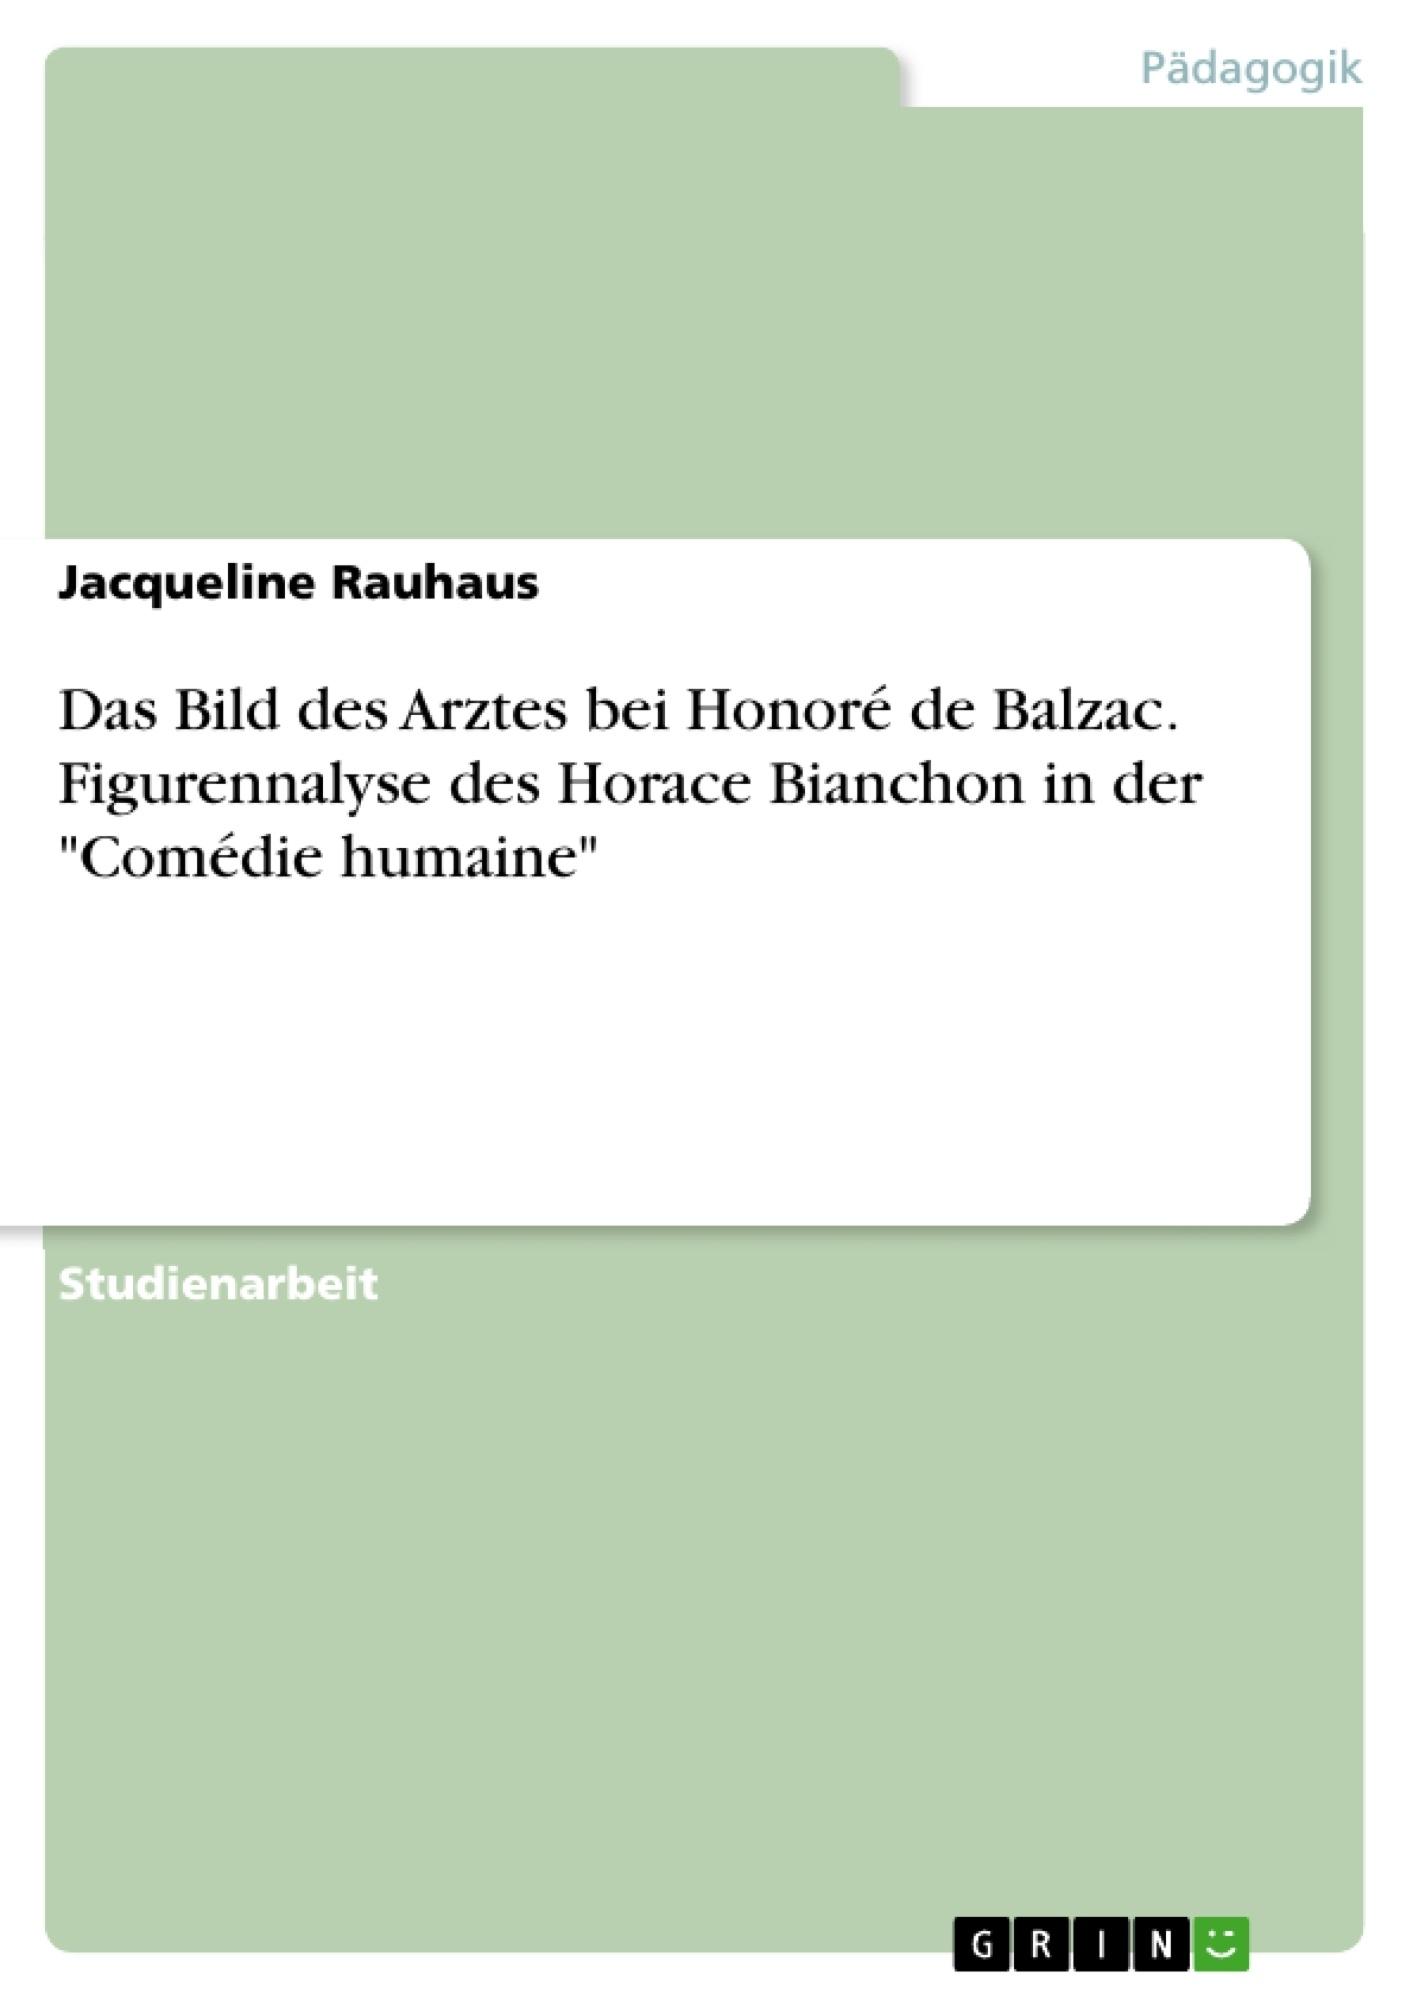 """Titel: Das Bild des Arztes bei Honoré de Balzac. Figurennalyse des Horace Bianchon in der """"Comédie humaine"""""""